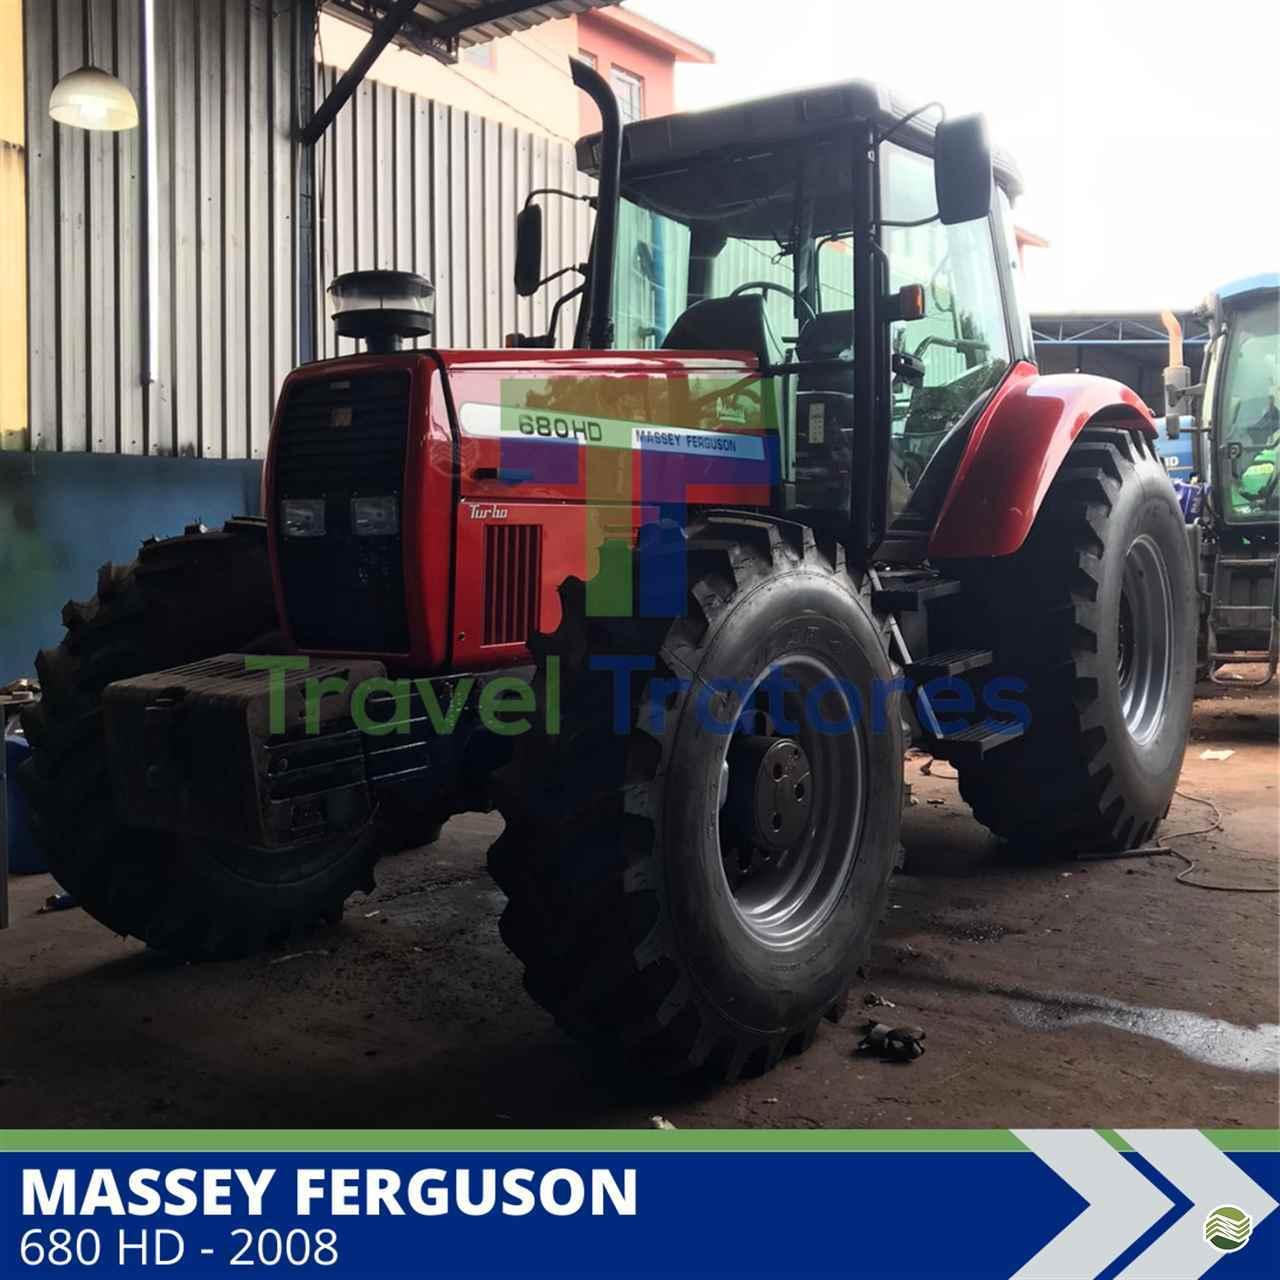 TRATOR MASSEY FERGUSON MF 680 Tração 4x4 Travel Máquinas Agrícolas LONDRINA PARANÁ PR